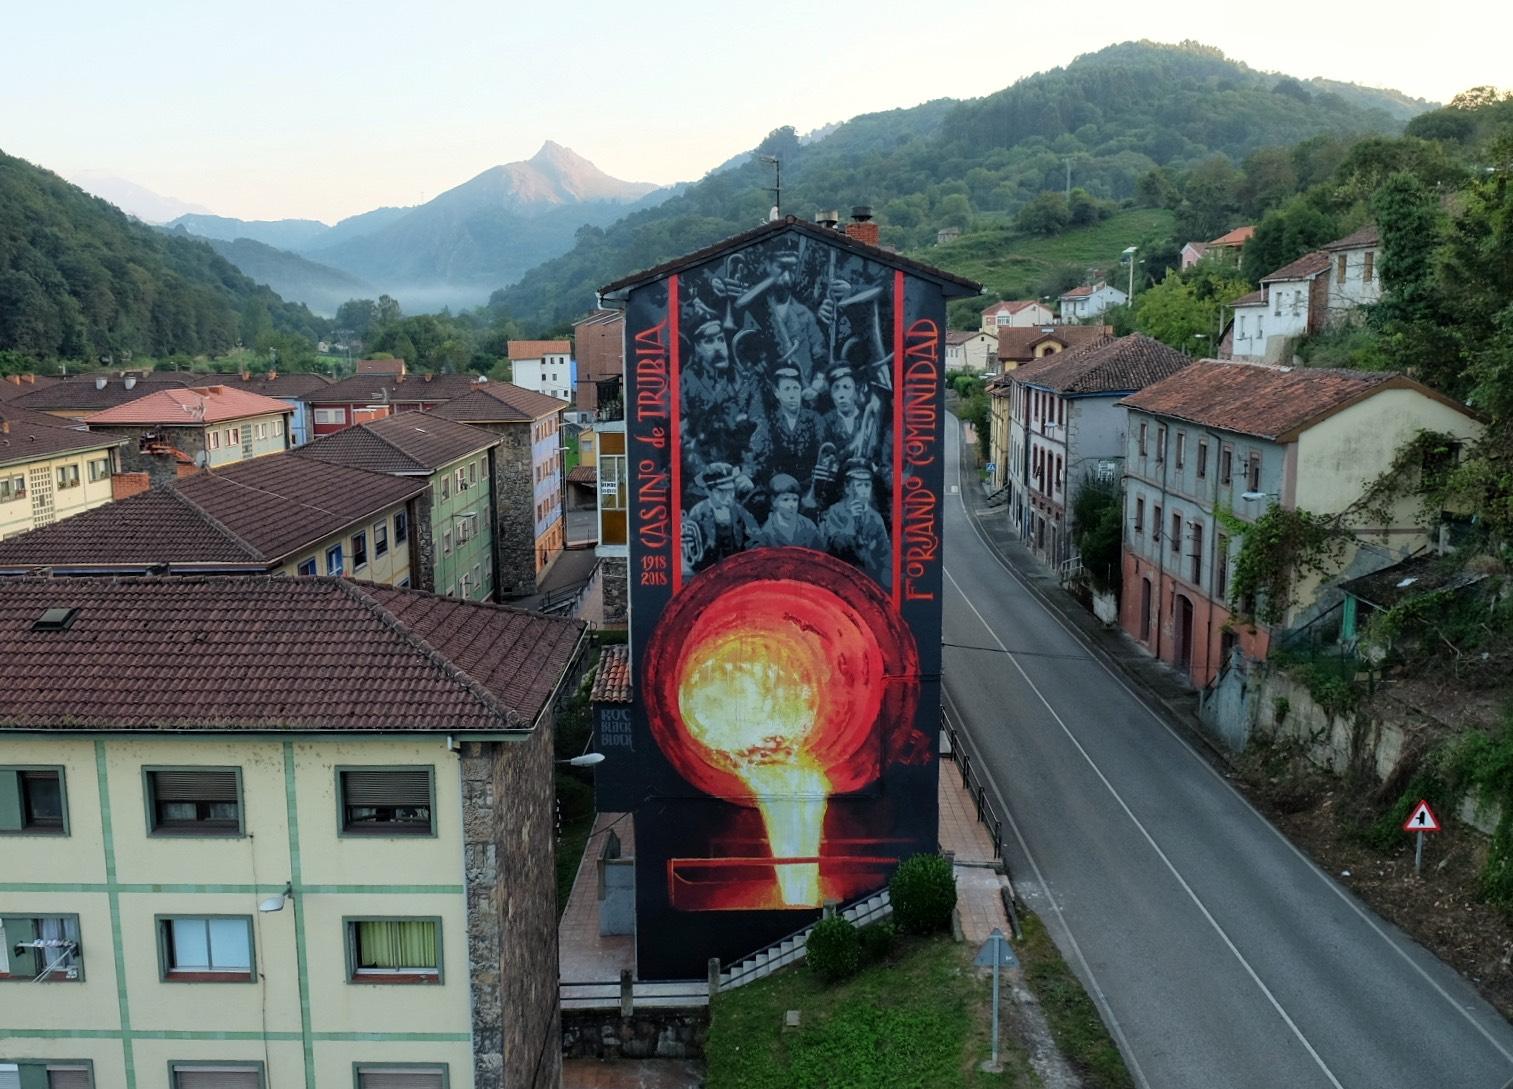 El mural del catalán Roc en Trubia. / Foto: Fernando Alcalá